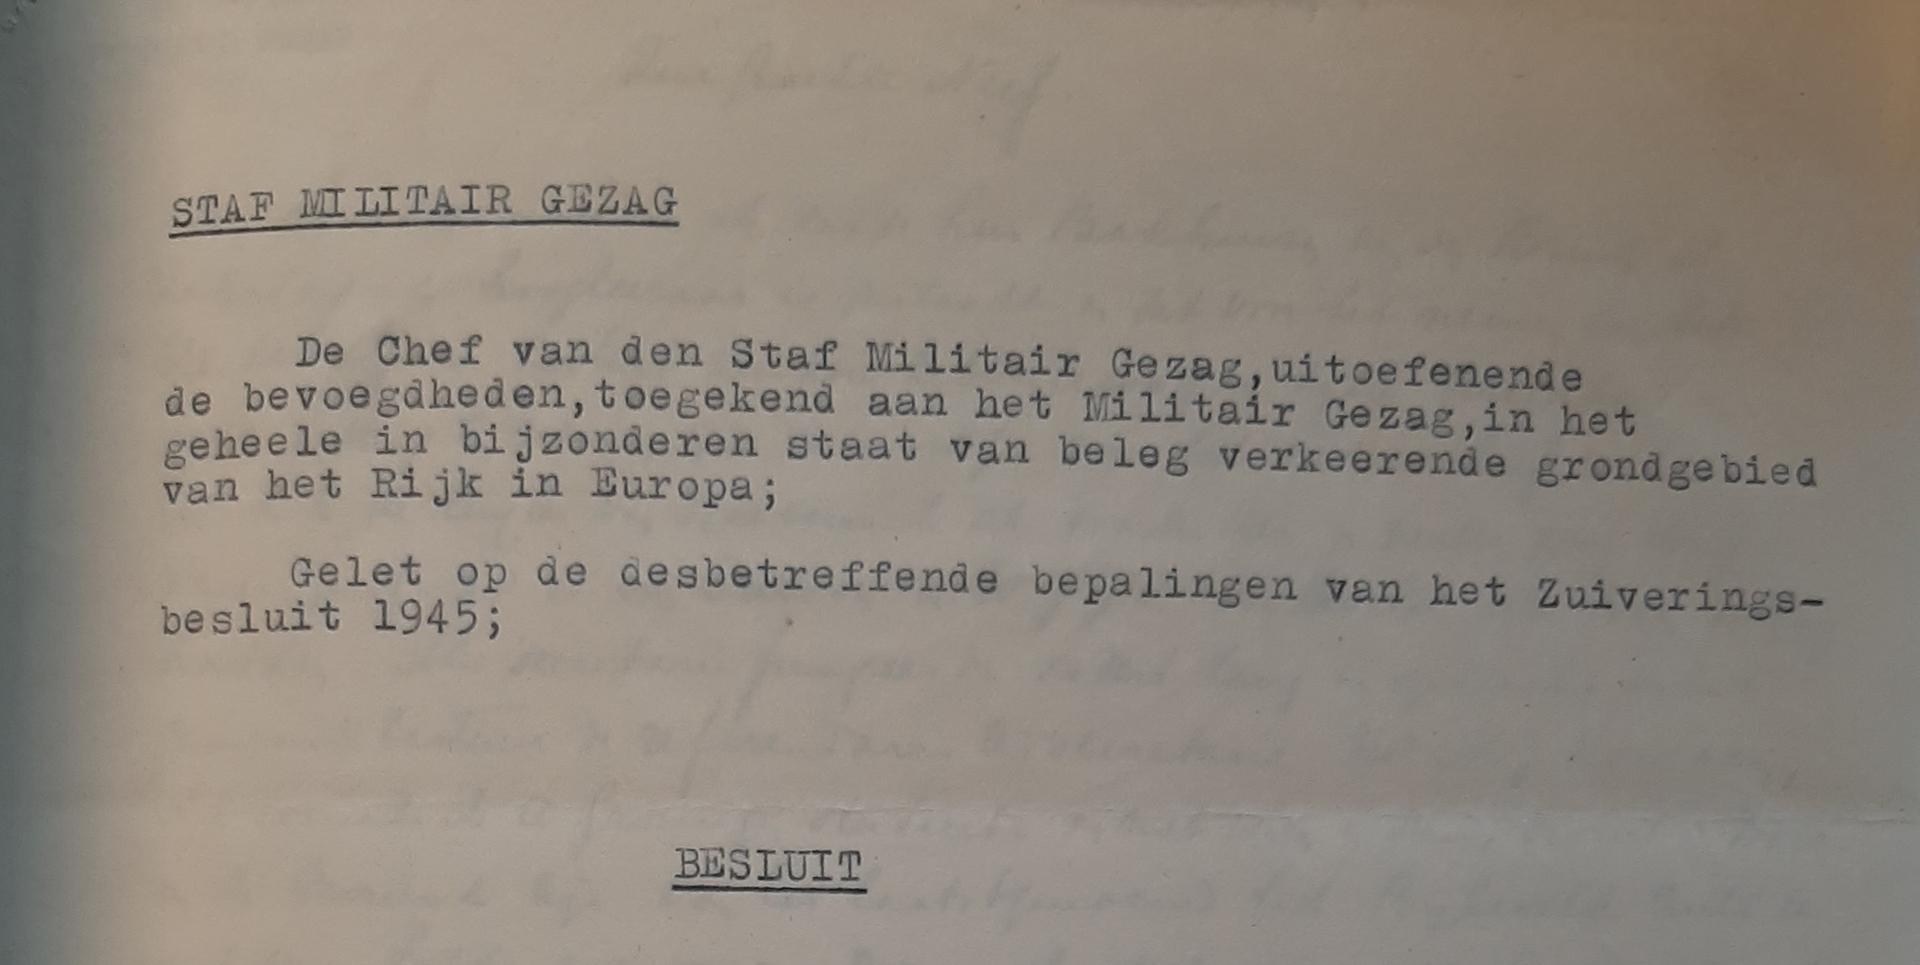 Zuiveringen Afb 2 Besluit Militair Gezag